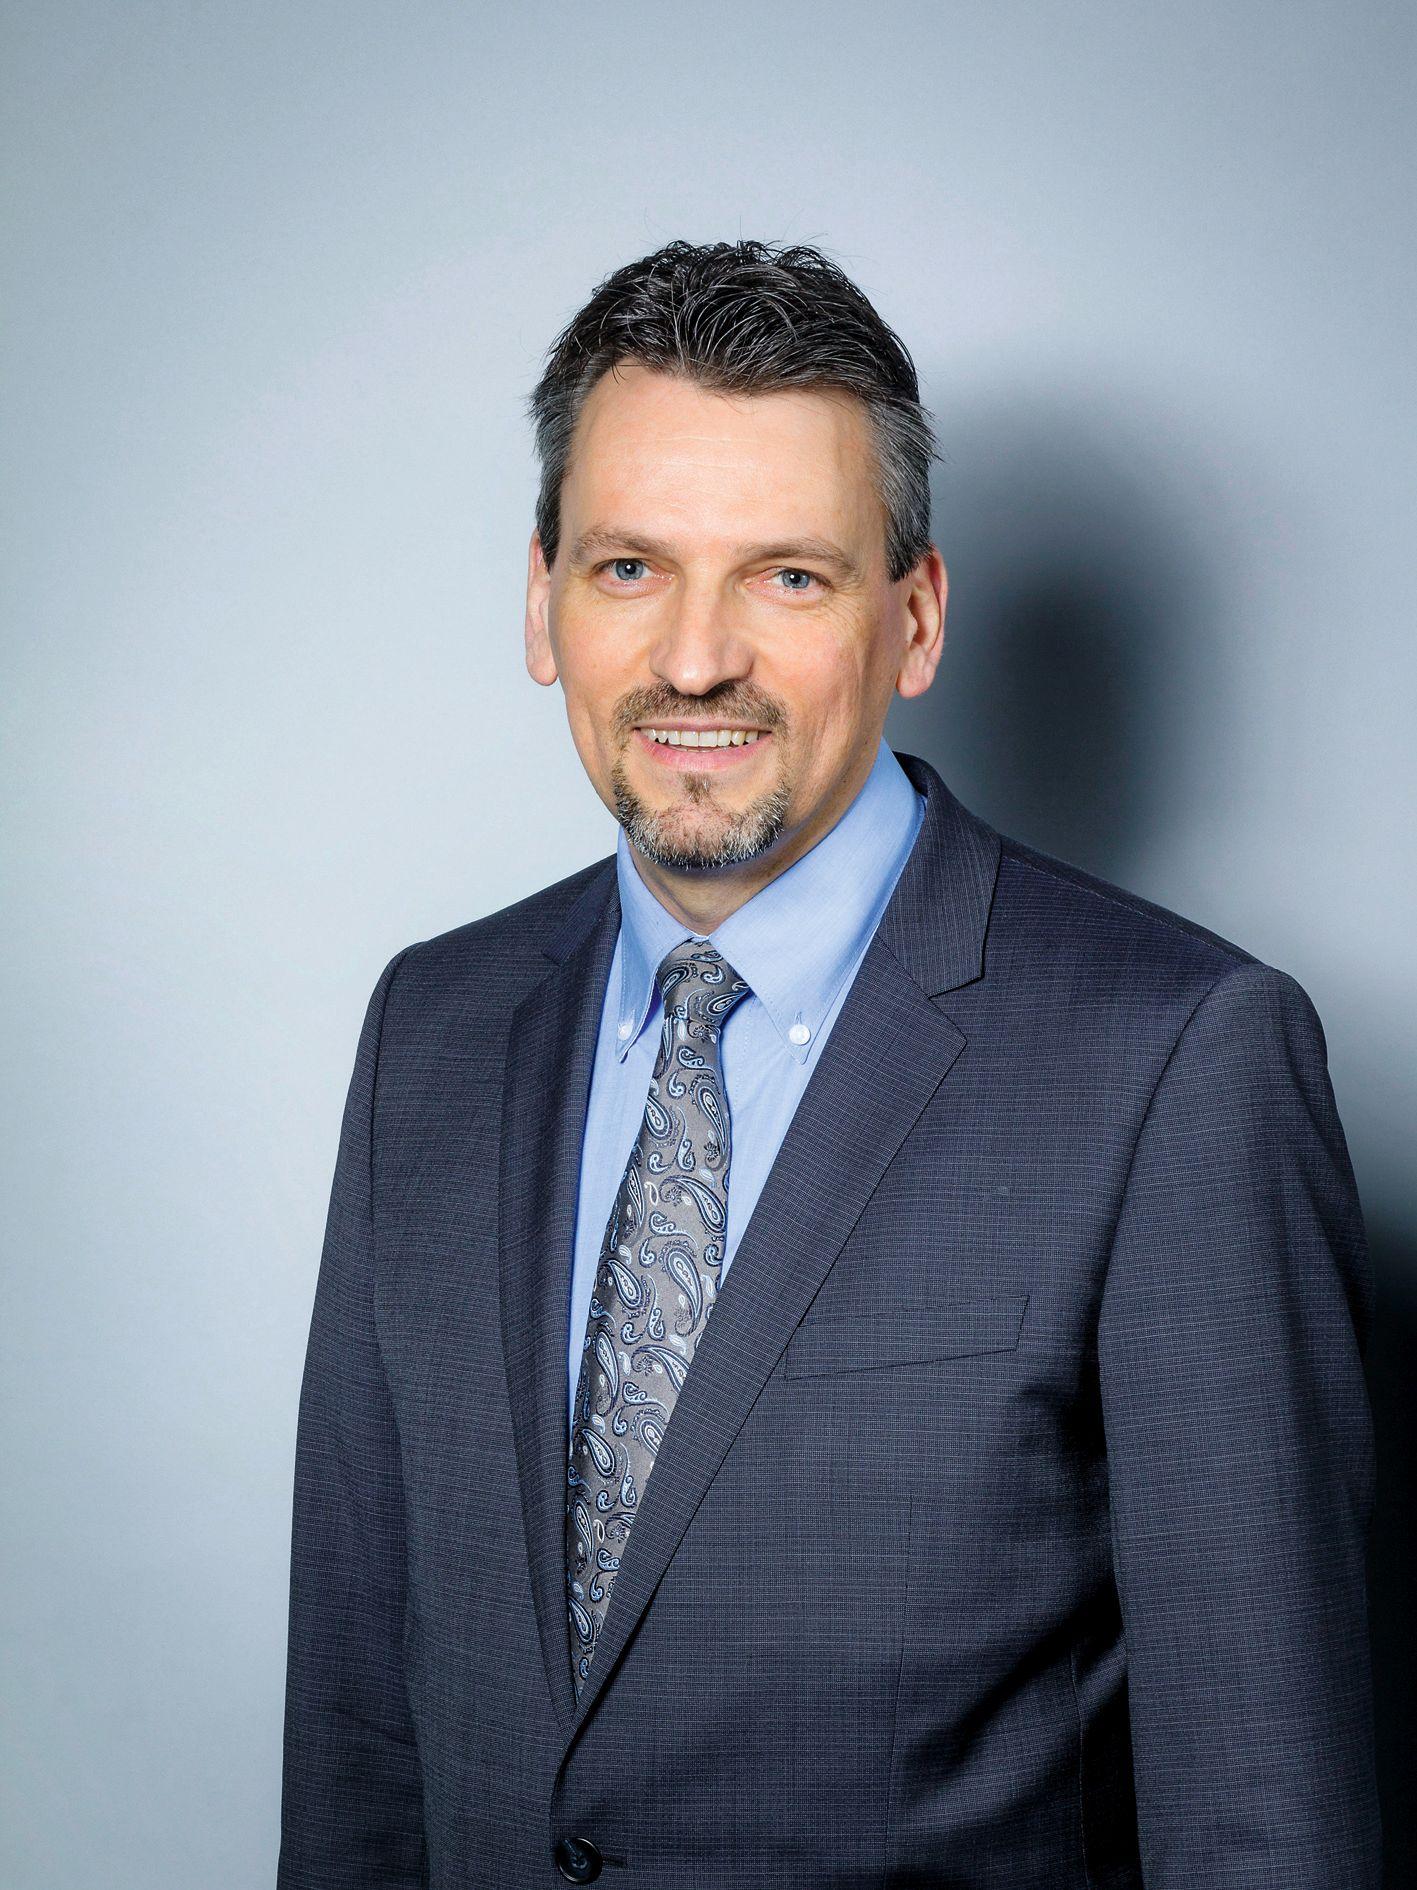 Armin Scheuermann ist Chefredakteur der Pharma+Food